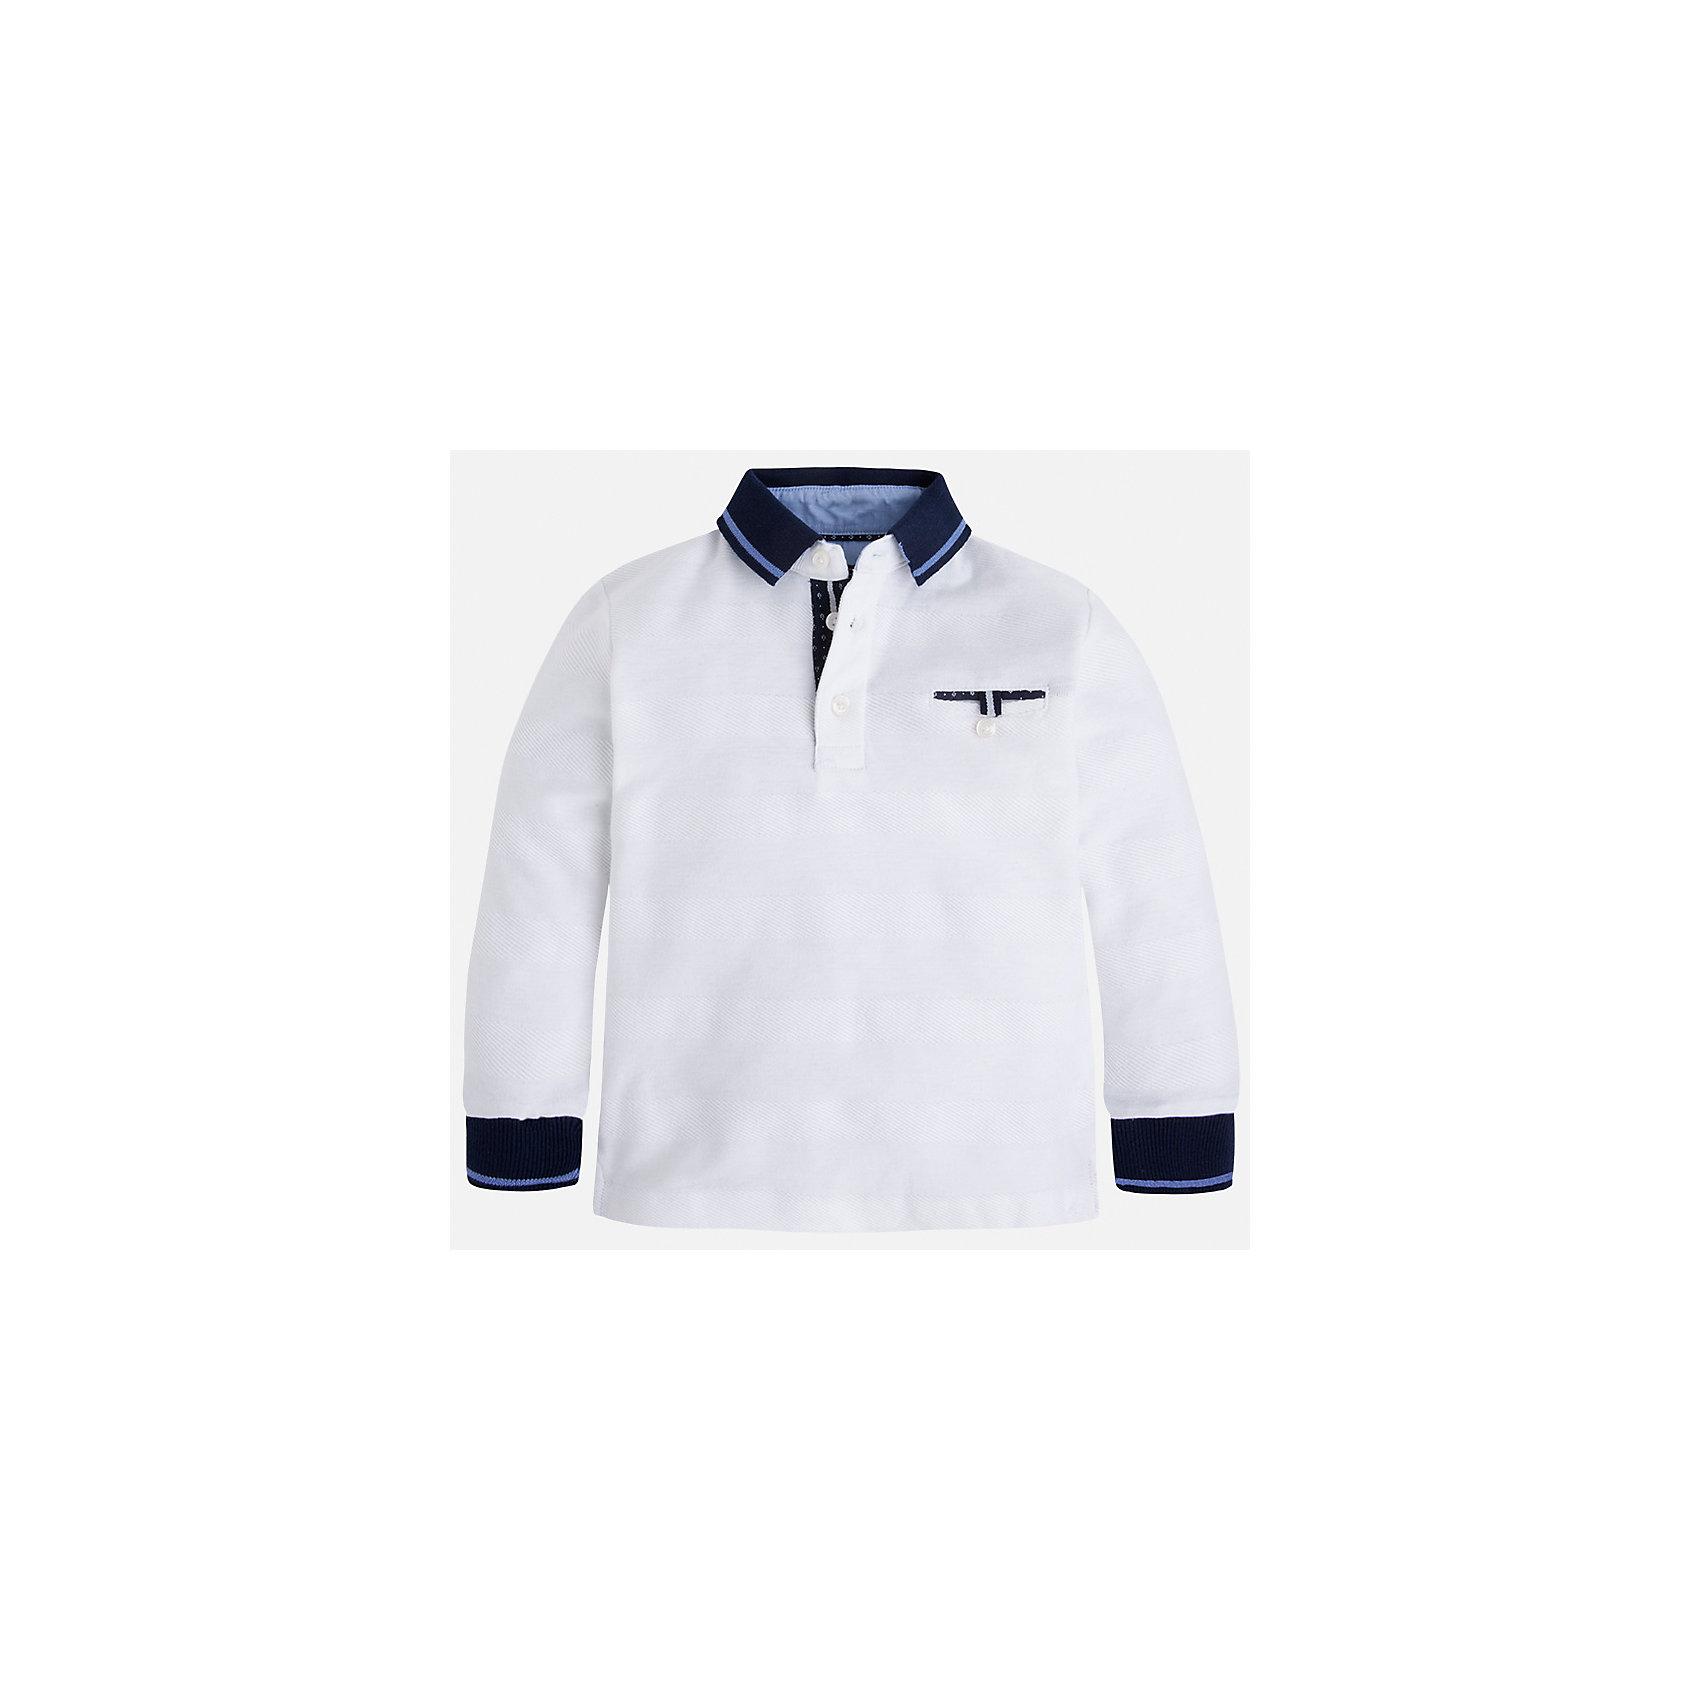 Рубашка-поло для мальчика MayoralХарактеристики товара:<br><br>• цвет: белый<br>• состав: 100% хлопок<br>• отложной воротник<br>• длинные рукава<br>• застежка: пуговицы<br>• карман на груди<br>• страна бренда: Испания<br><br>Стильная рубашка-поло для мальчика может стать базовой вещью в гардеробе ребенка. Она отлично сочетается с брюками, шортами, джинсами и т.д. Универсальный крой и цвет позволяет подобрать к вещи низ разных расцветок. Практичное и стильное изделие! В составе материала - только натуральный хлопок, гипоаллергенный, приятный на ощупь, дышащий.<br><br>Одежда, обувь и аксессуары от испанского бренда Mayoral полюбились детям и взрослым по всему миру. Модели этой марки - стильные и удобные. Для их производства используются только безопасные, качественные материалы и фурнитура. Порадуйте ребенка модными и красивыми вещами от Mayoral! <br><br>Рубашку-поло для мальчика от испанского бренда Mayoral (Майорал) можно купить в нашем интернет-магазине.<br><br>Ширина мм: 230<br>Глубина мм: 40<br>Высота мм: 220<br>Вес г: 250<br>Цвет: белый<br>Возраст от месяцев: 18<br>Возраст до месяцев: 24<br>Пол: Мужской<br>Возраст: Детский<br>Размер: 92,110,116,98,134,128,122,104<br>SKU: 5272108